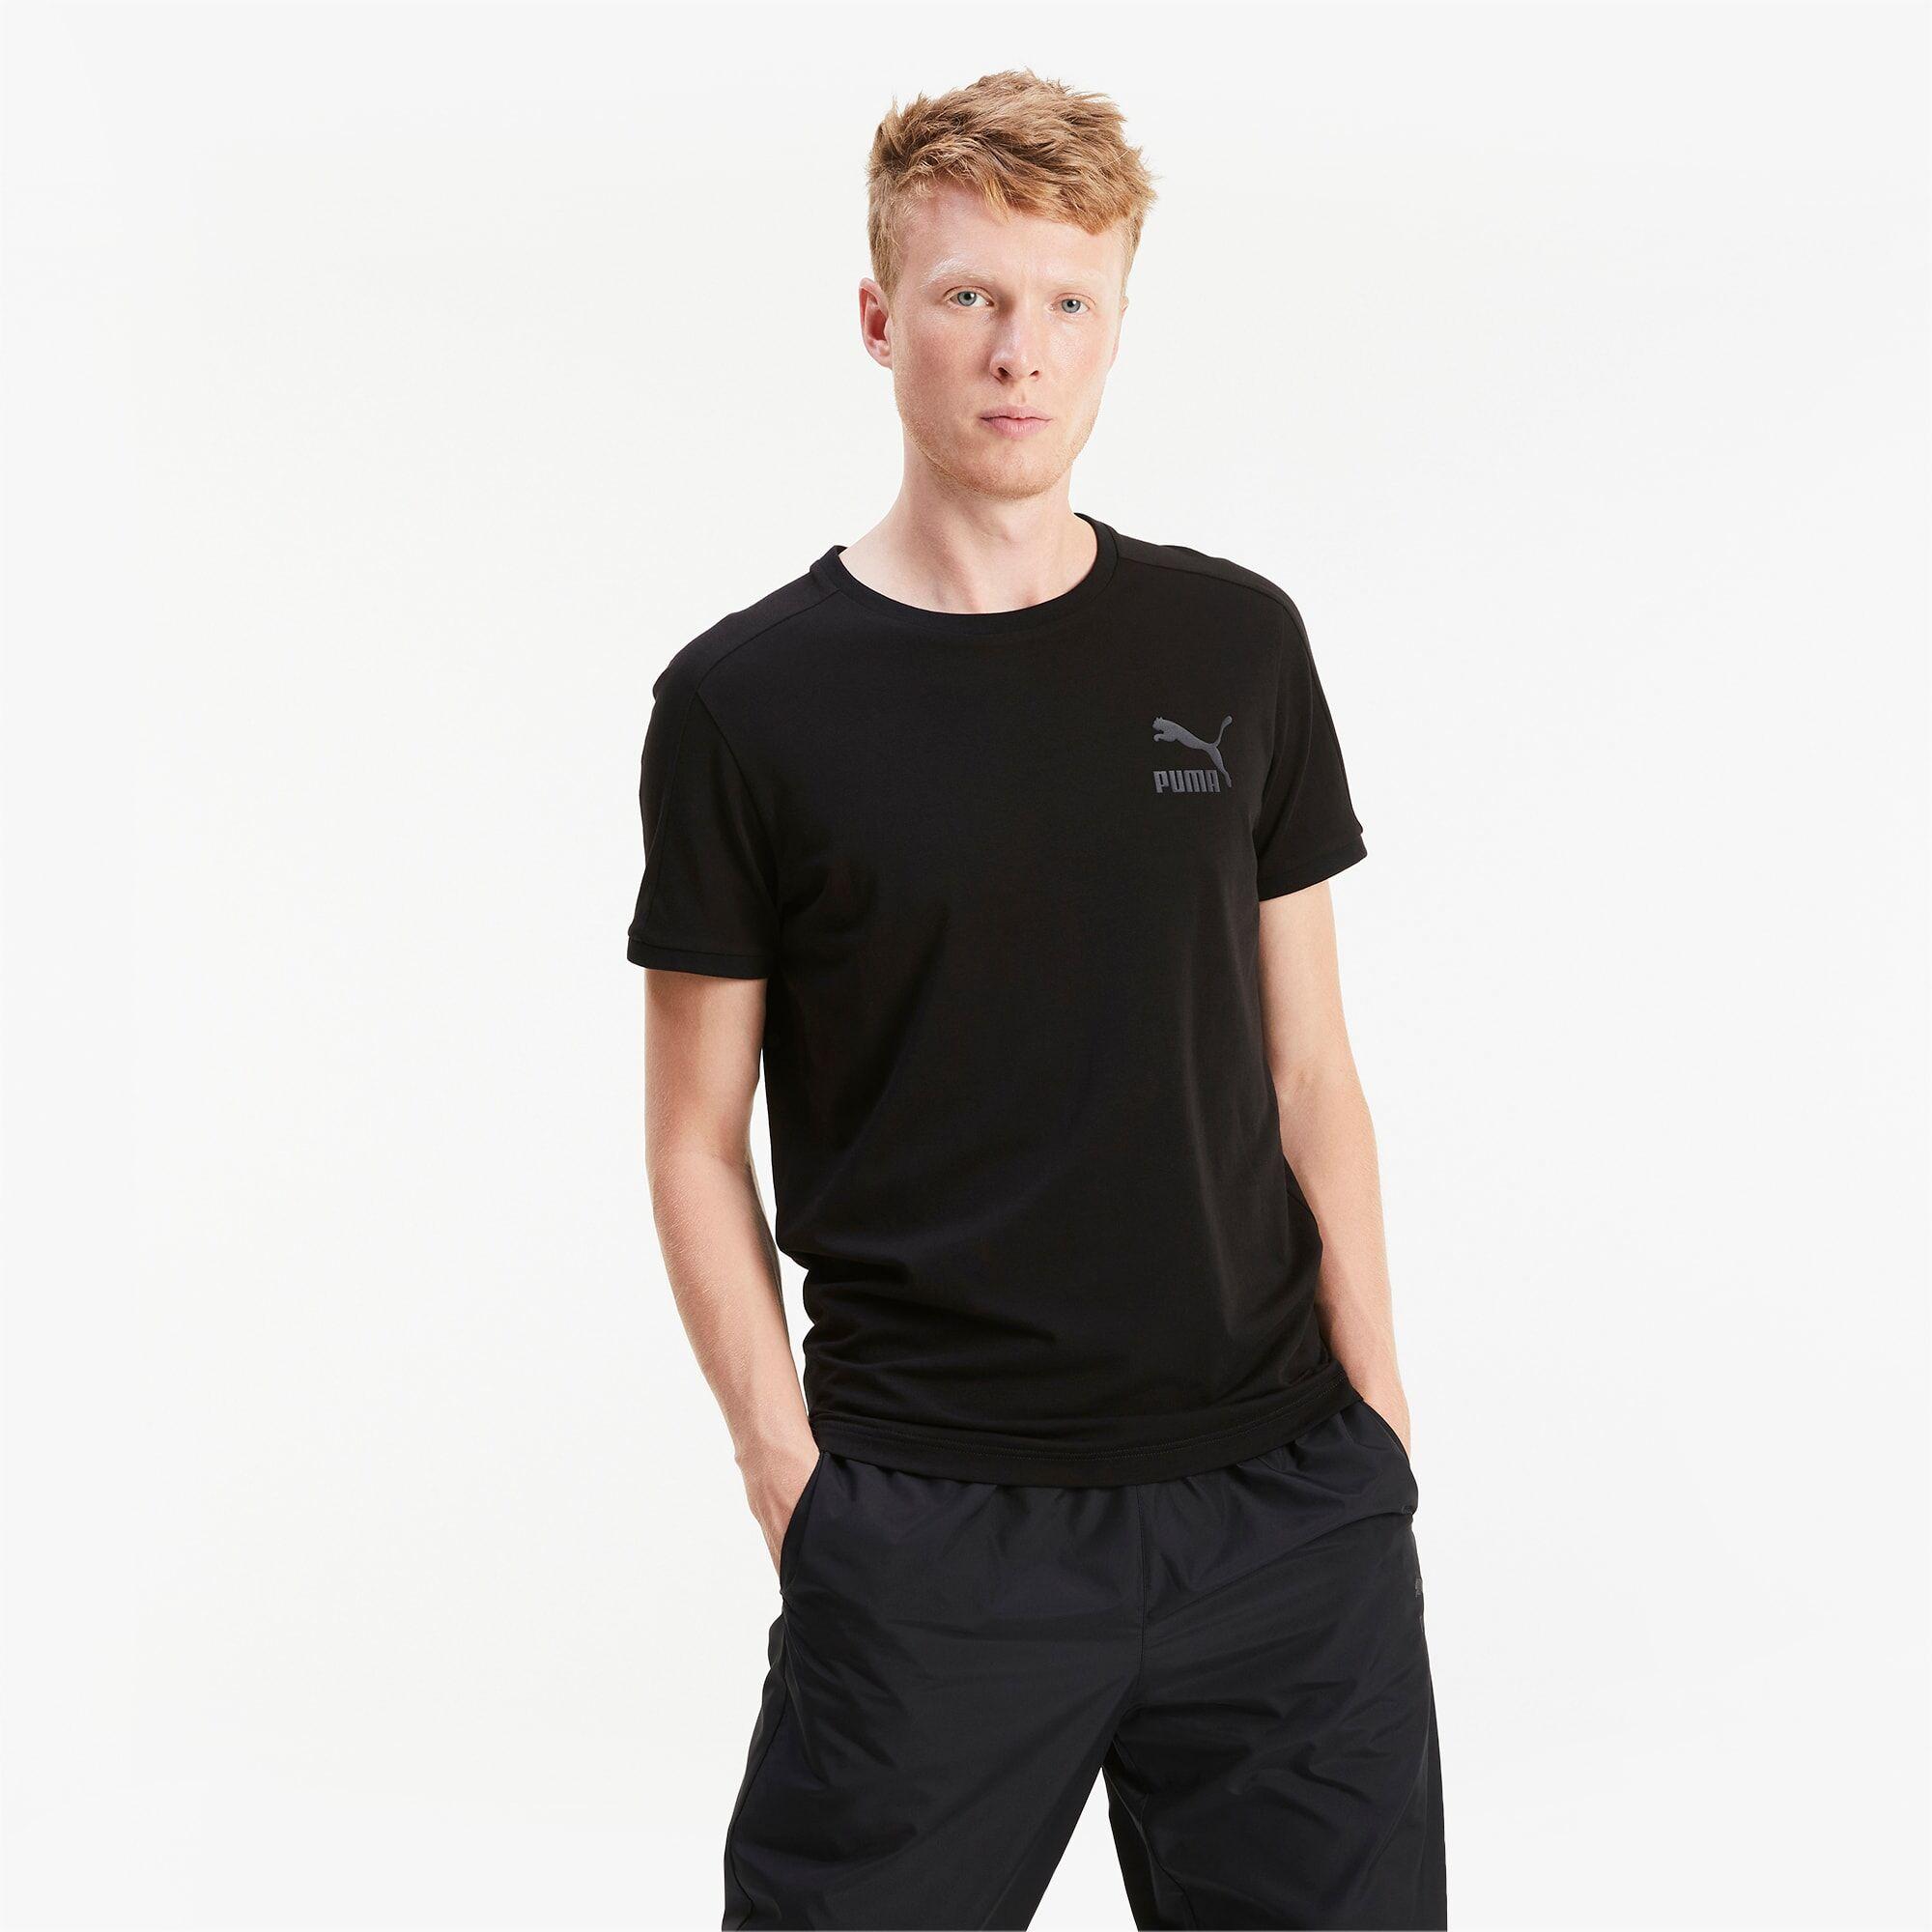 PUMA T-Shirt Iconic T7 Slim pour Homme, Noir, Taille XS, Vêtements